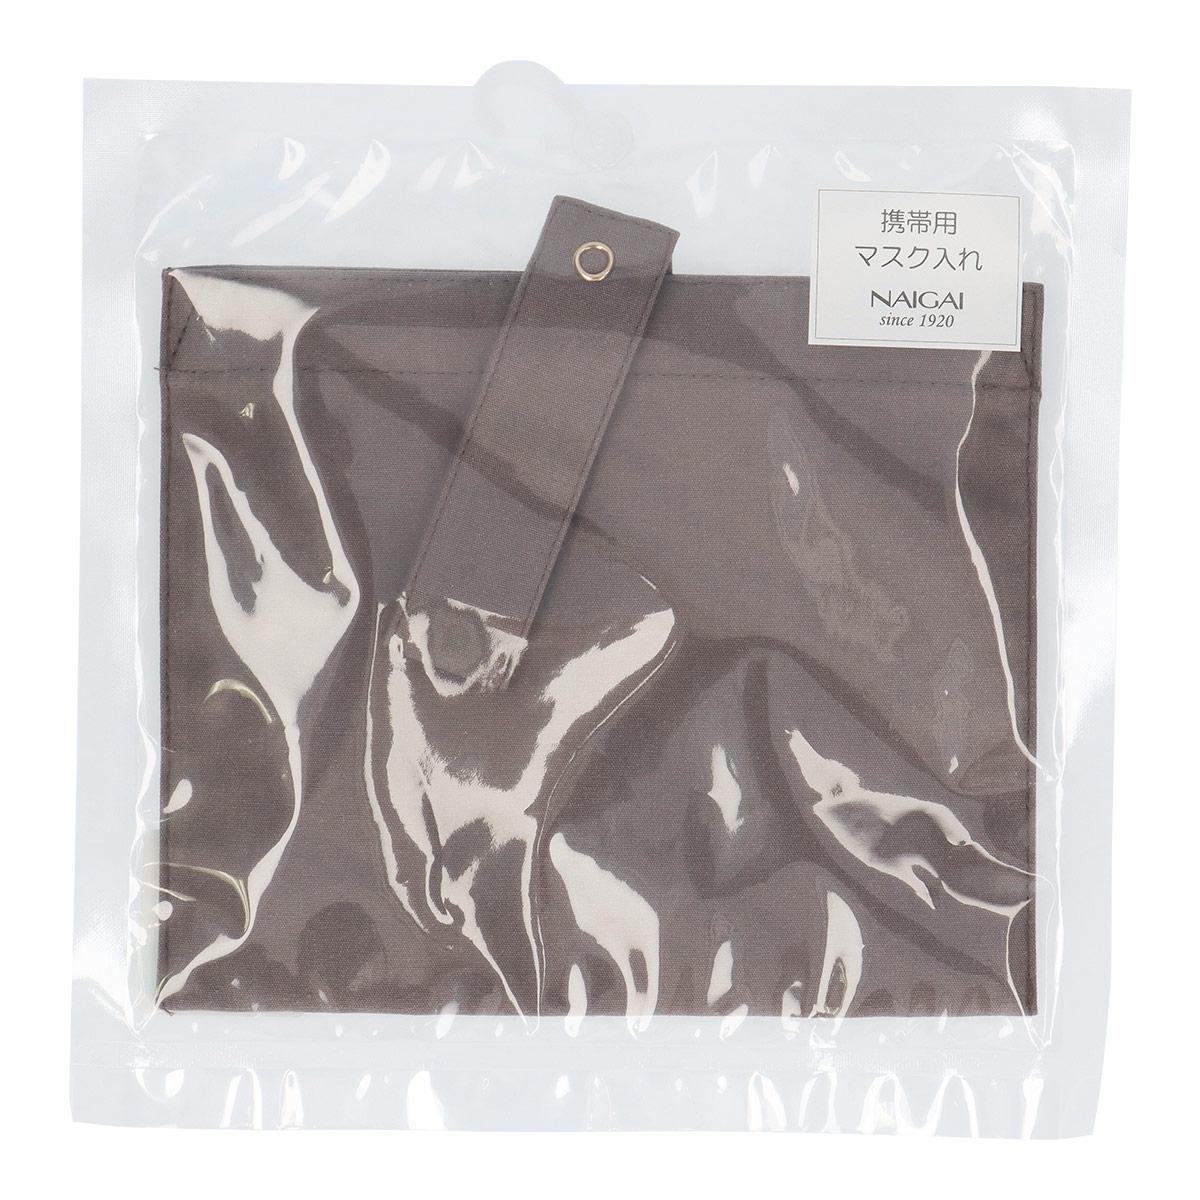 NAIGAI STYLE ナイガイ スタイル 携帯用 マスク入れ メンズ レディース マスクケース 03093157【ゆうパケット(ポスト投函)全国220円・4点まで】